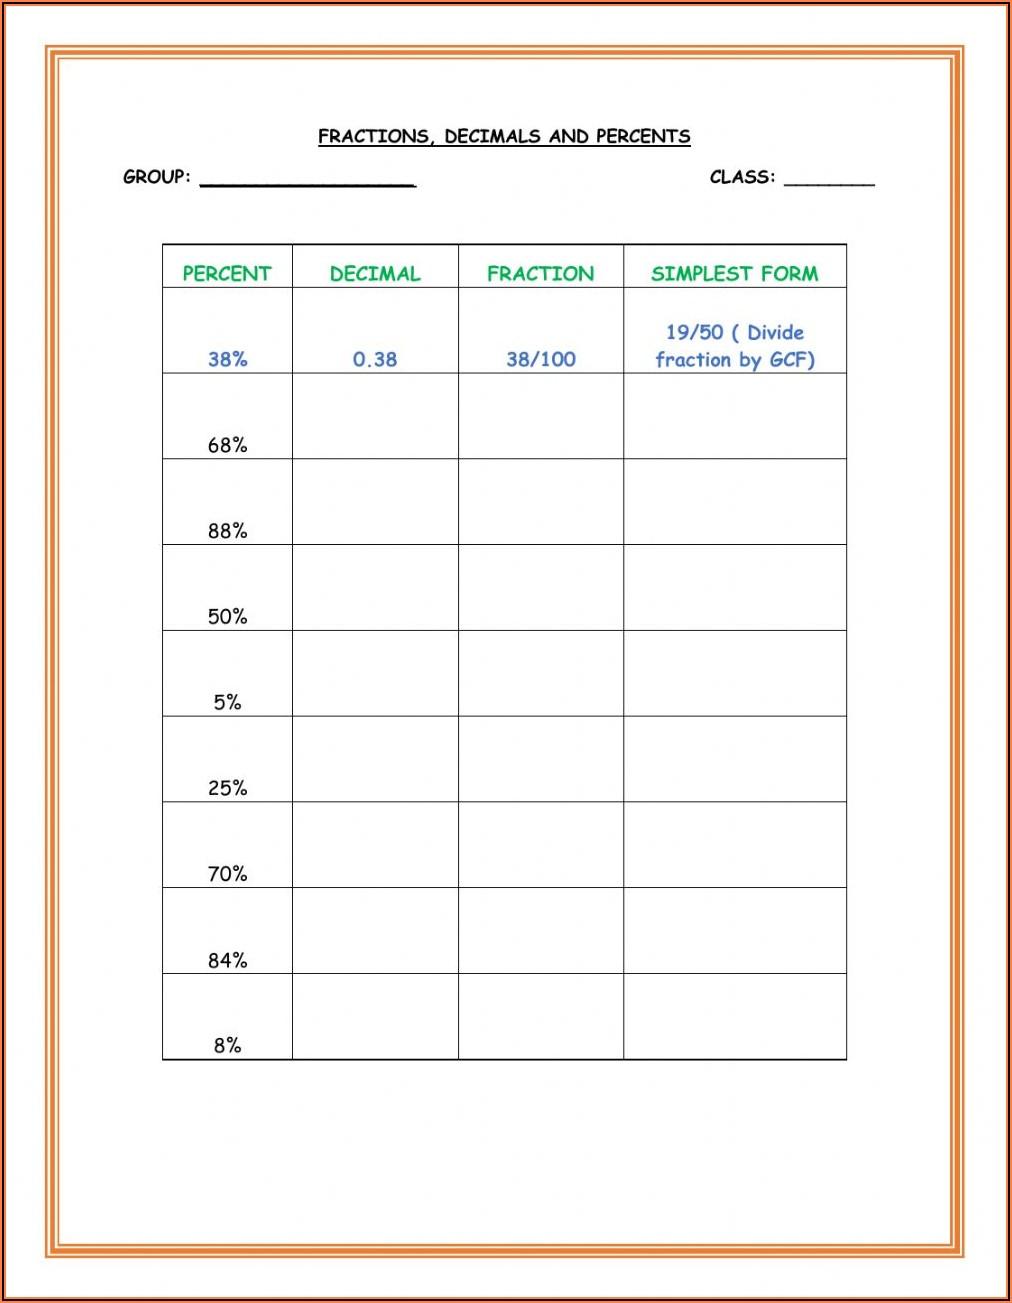 Worksheet Fraction Decimal Percent